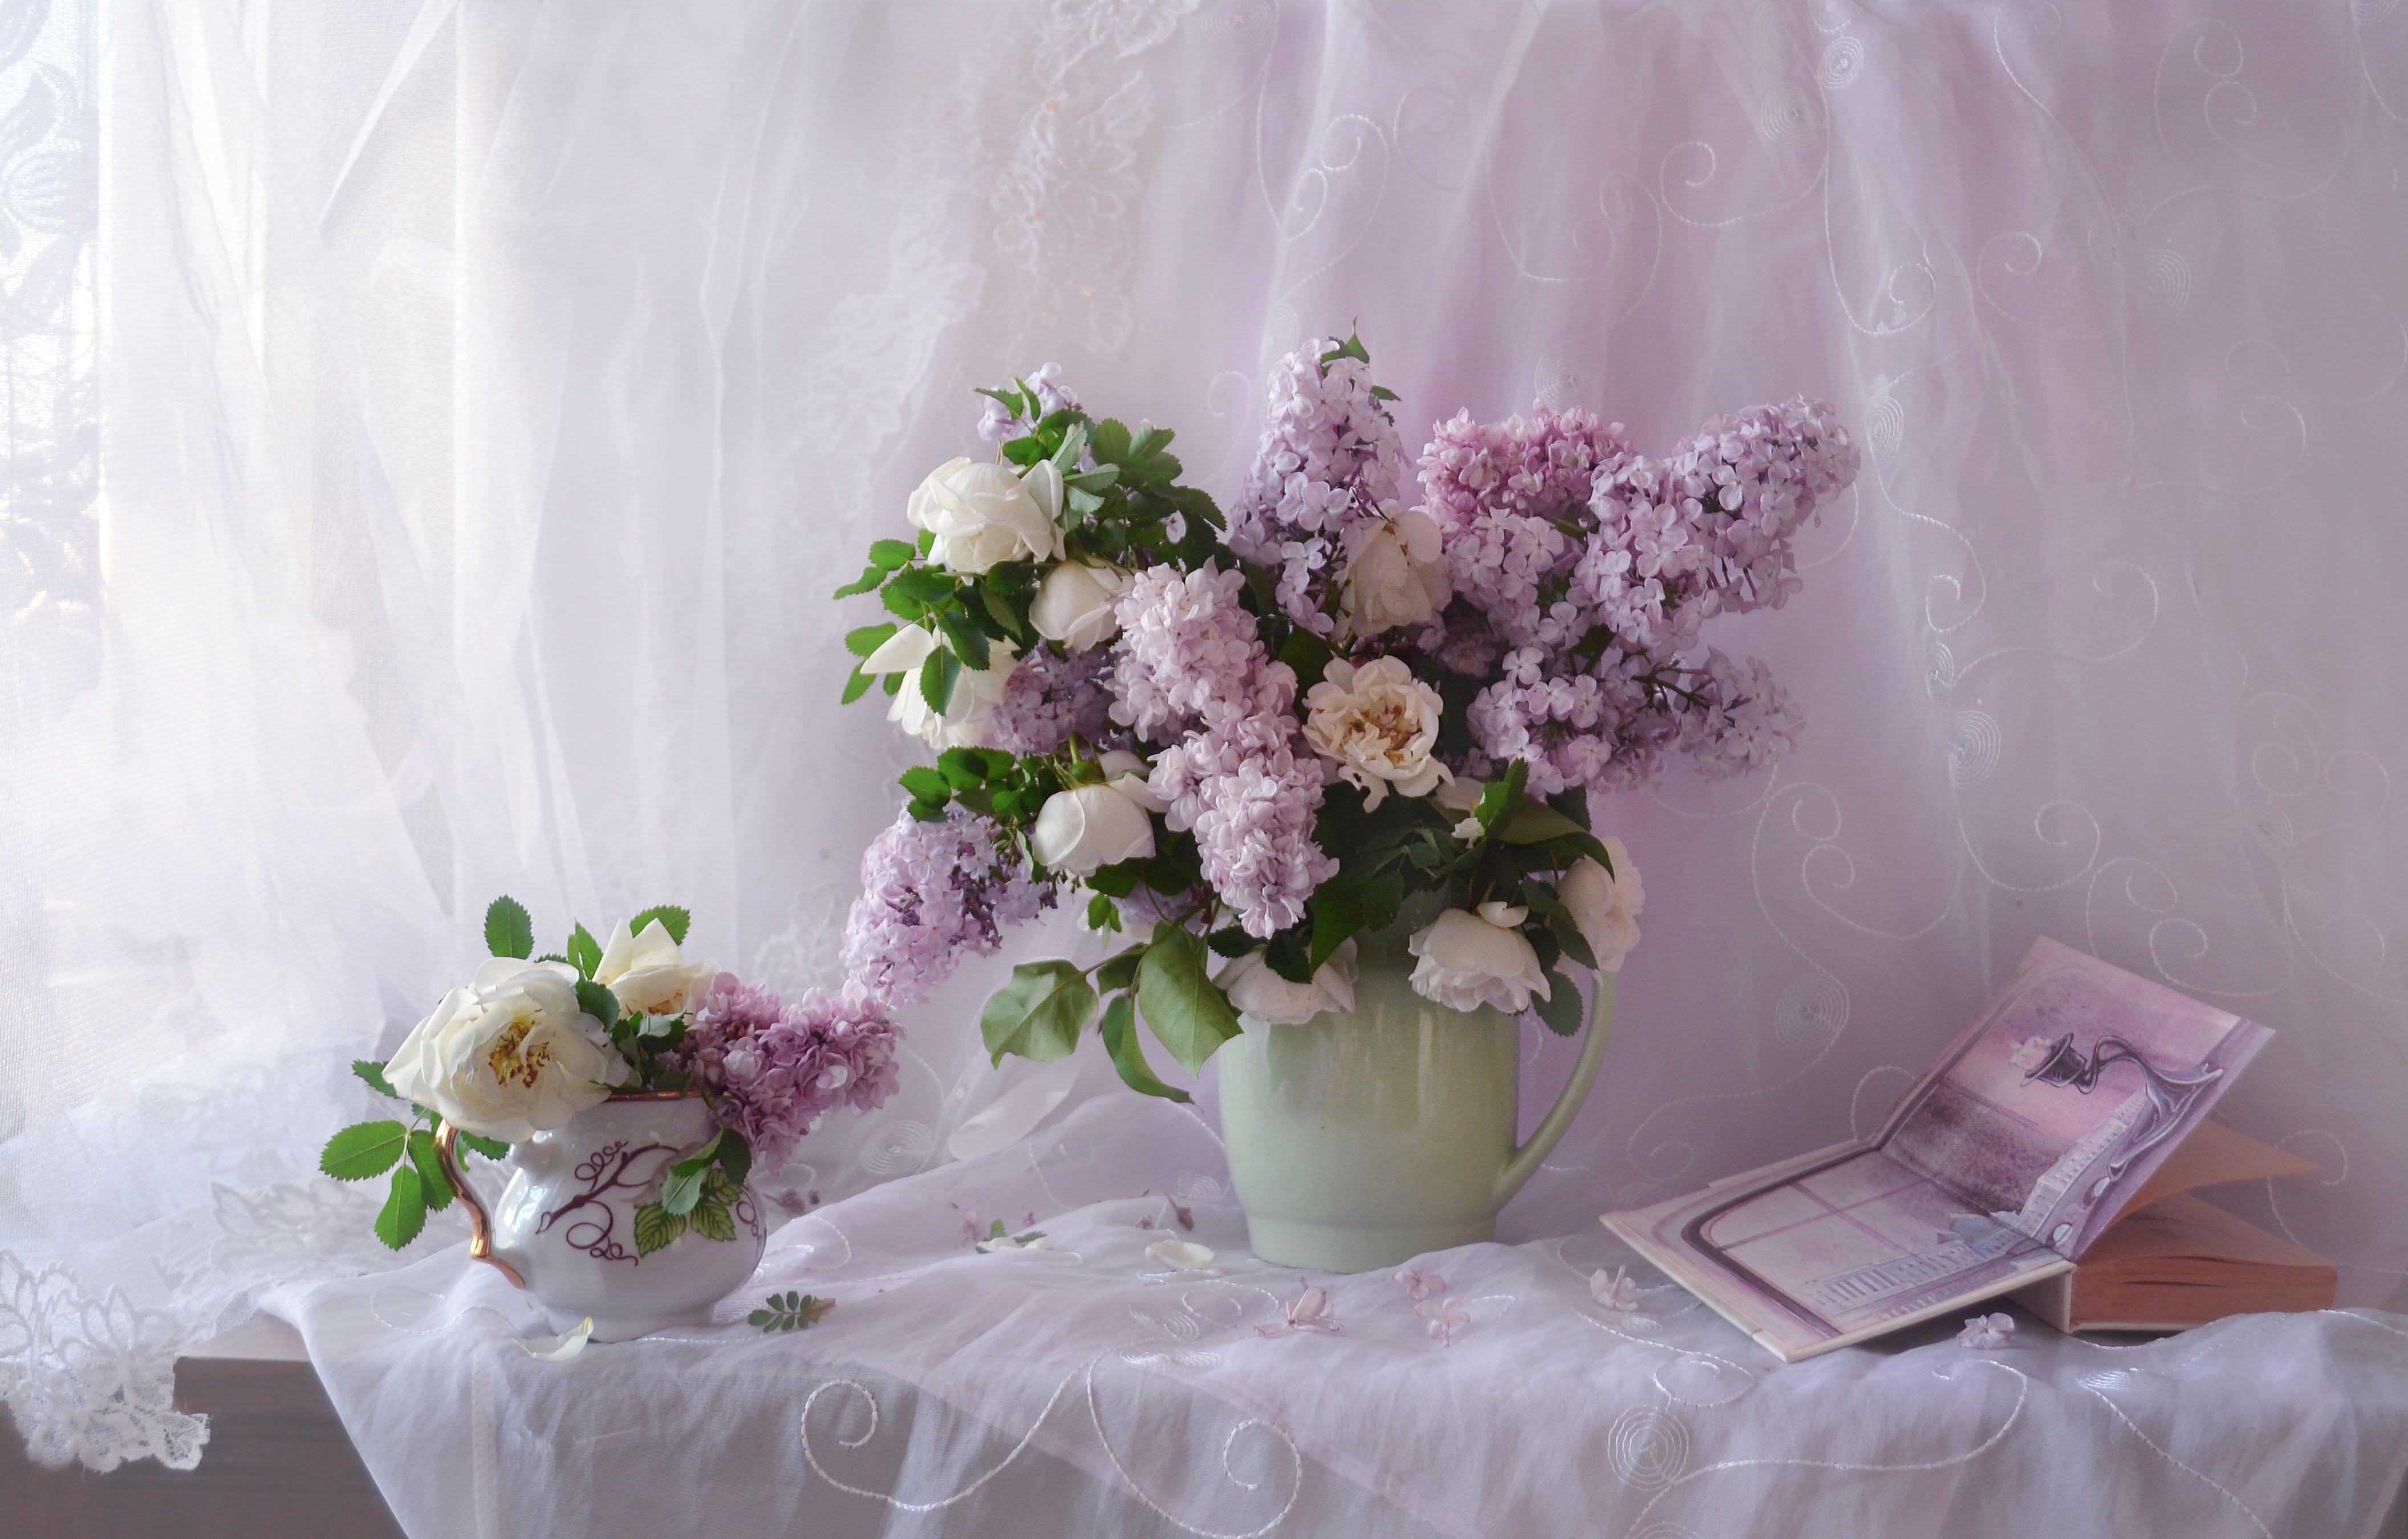 still life, фото натюрморт, стихи, сирень, натюрморт, настроение,белый шиповник, книга, лето, июнь, Колова Валентина